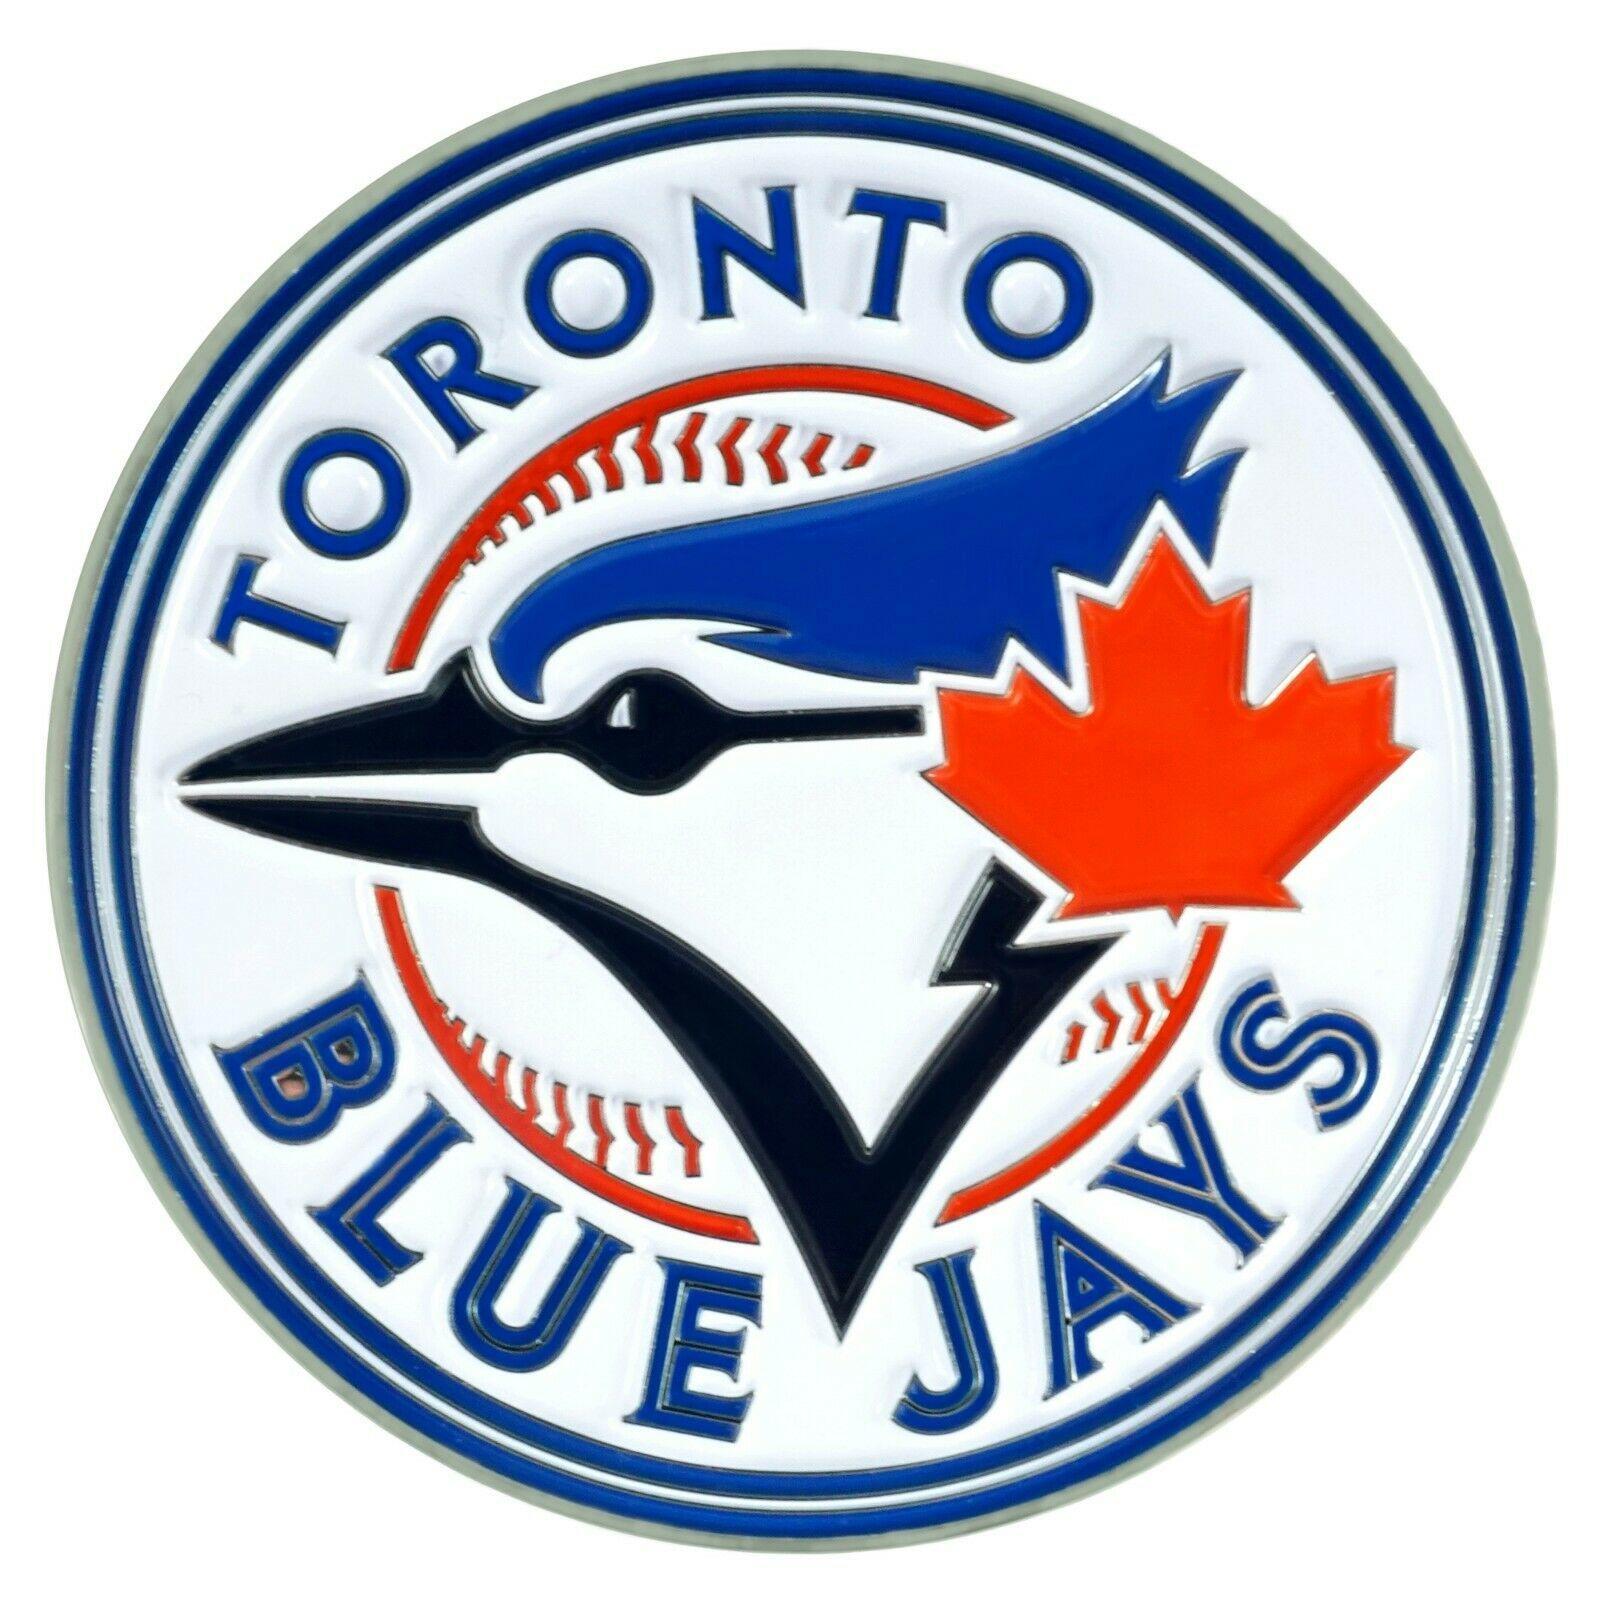 Fanmats MLB Toronto Blue Jays Diecast 3D Color Emblem Car Truck RV 2-4 Day Del. - $15.83